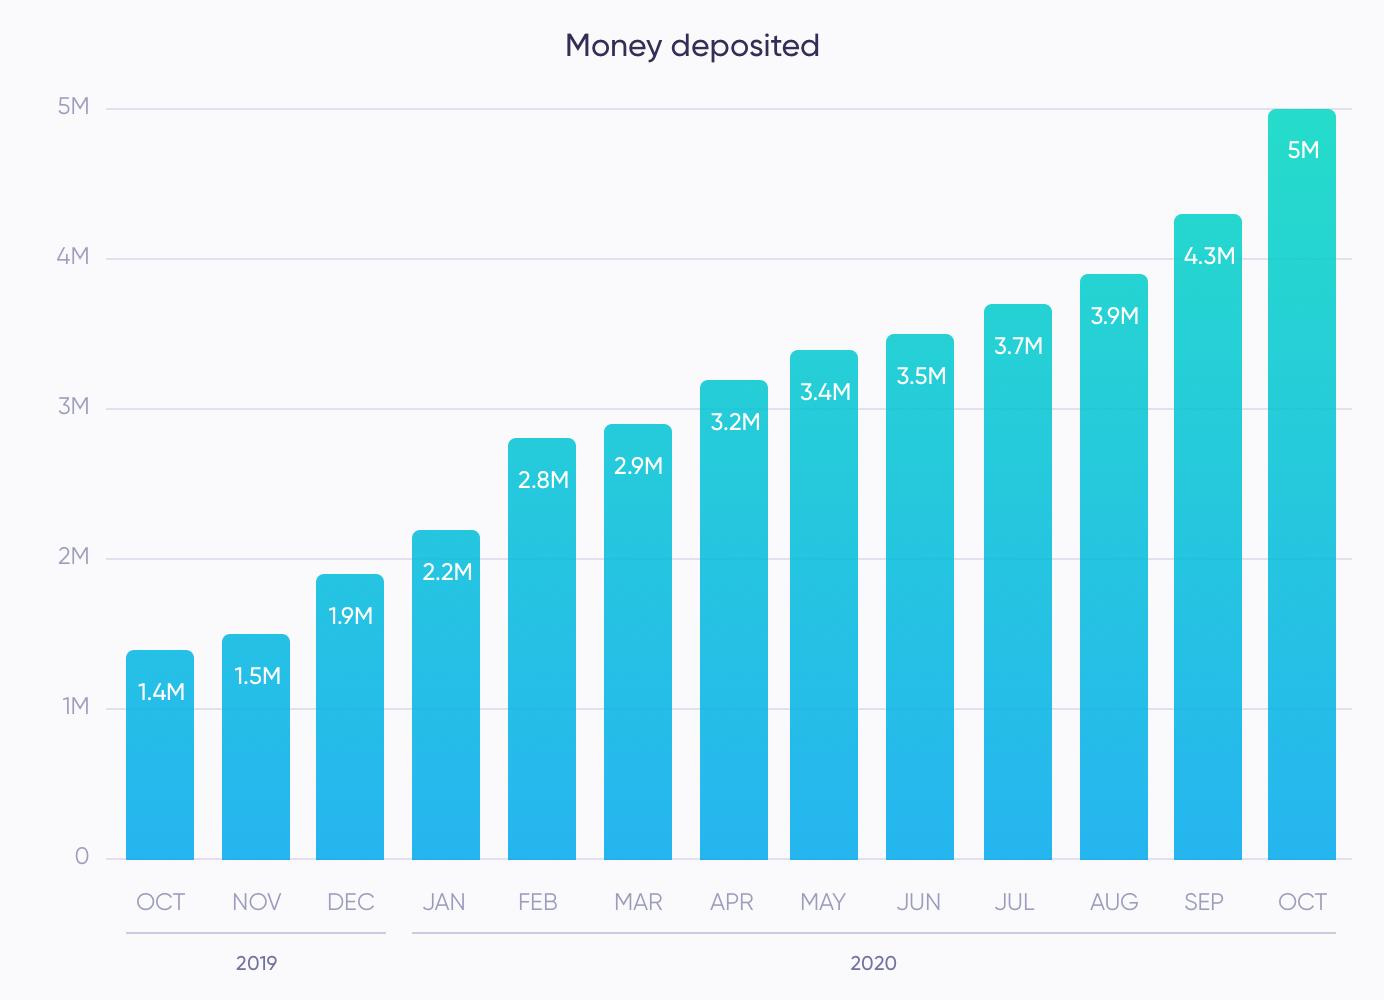 Money Deposited in October